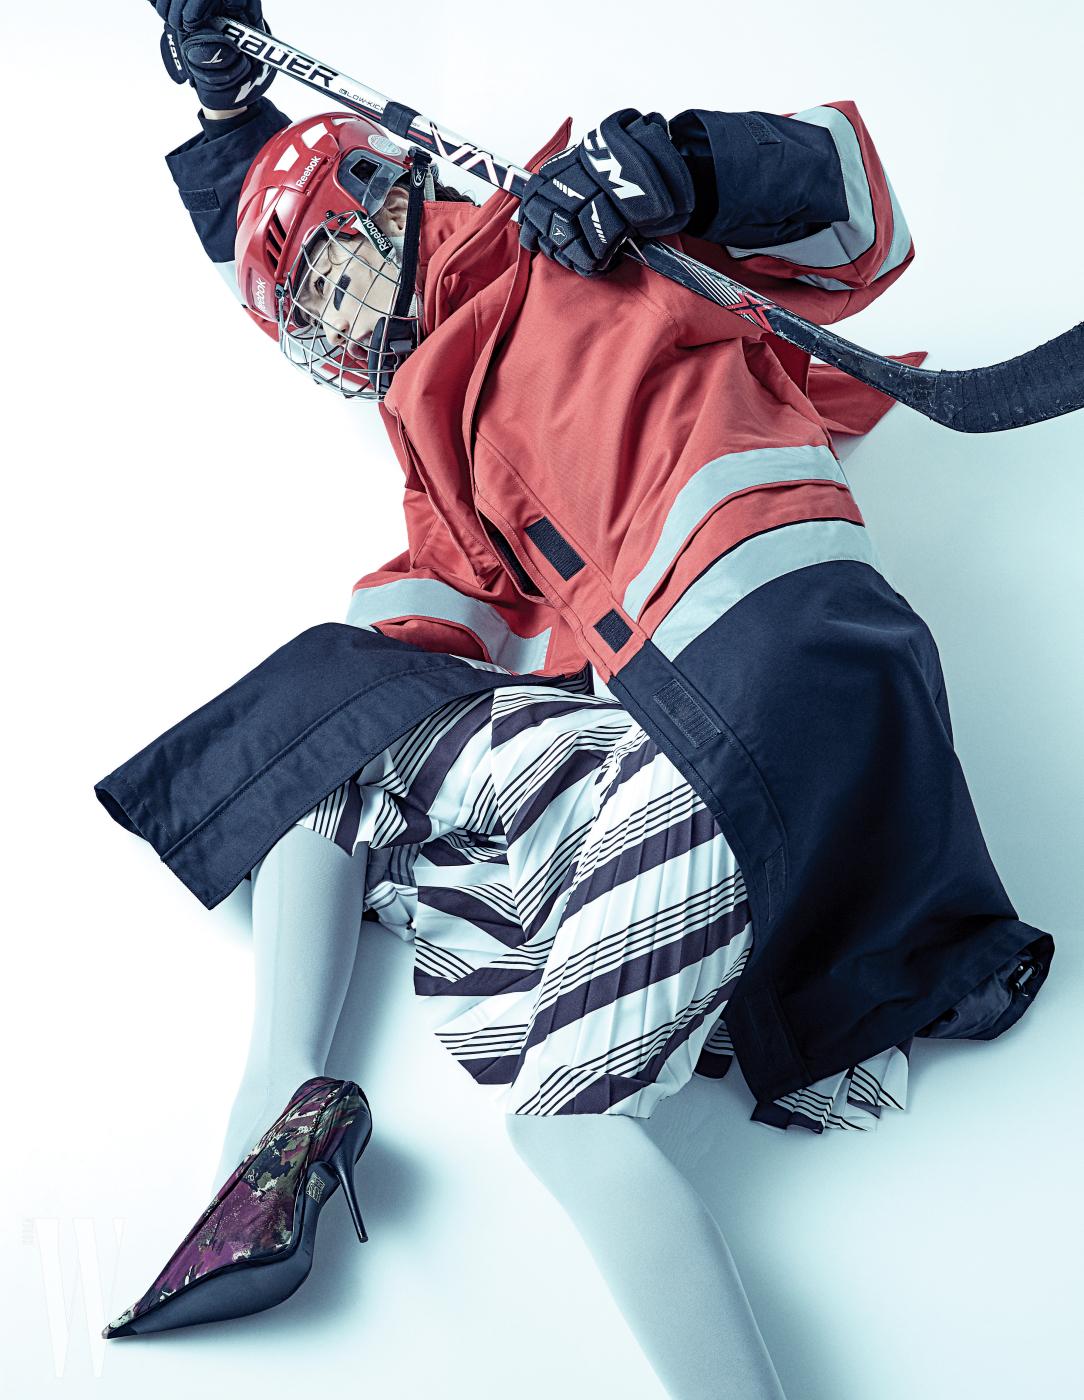 리플렉티브 소재를 더한 롱 재킷과 줄무늬 패턴 스커트, 회색 타이츠, 여러 컬러가 뒤섞인 슈즈는 모두 발렌시아가 제품. 재킷은 4백만원대, 스커트는 2백50만원대, 타이츠와 슈즈는 가격 미정. 아이스하키 헬멧, 장갑, 스틱은 '드래곤 아이스하키팀' 협찬 제품.